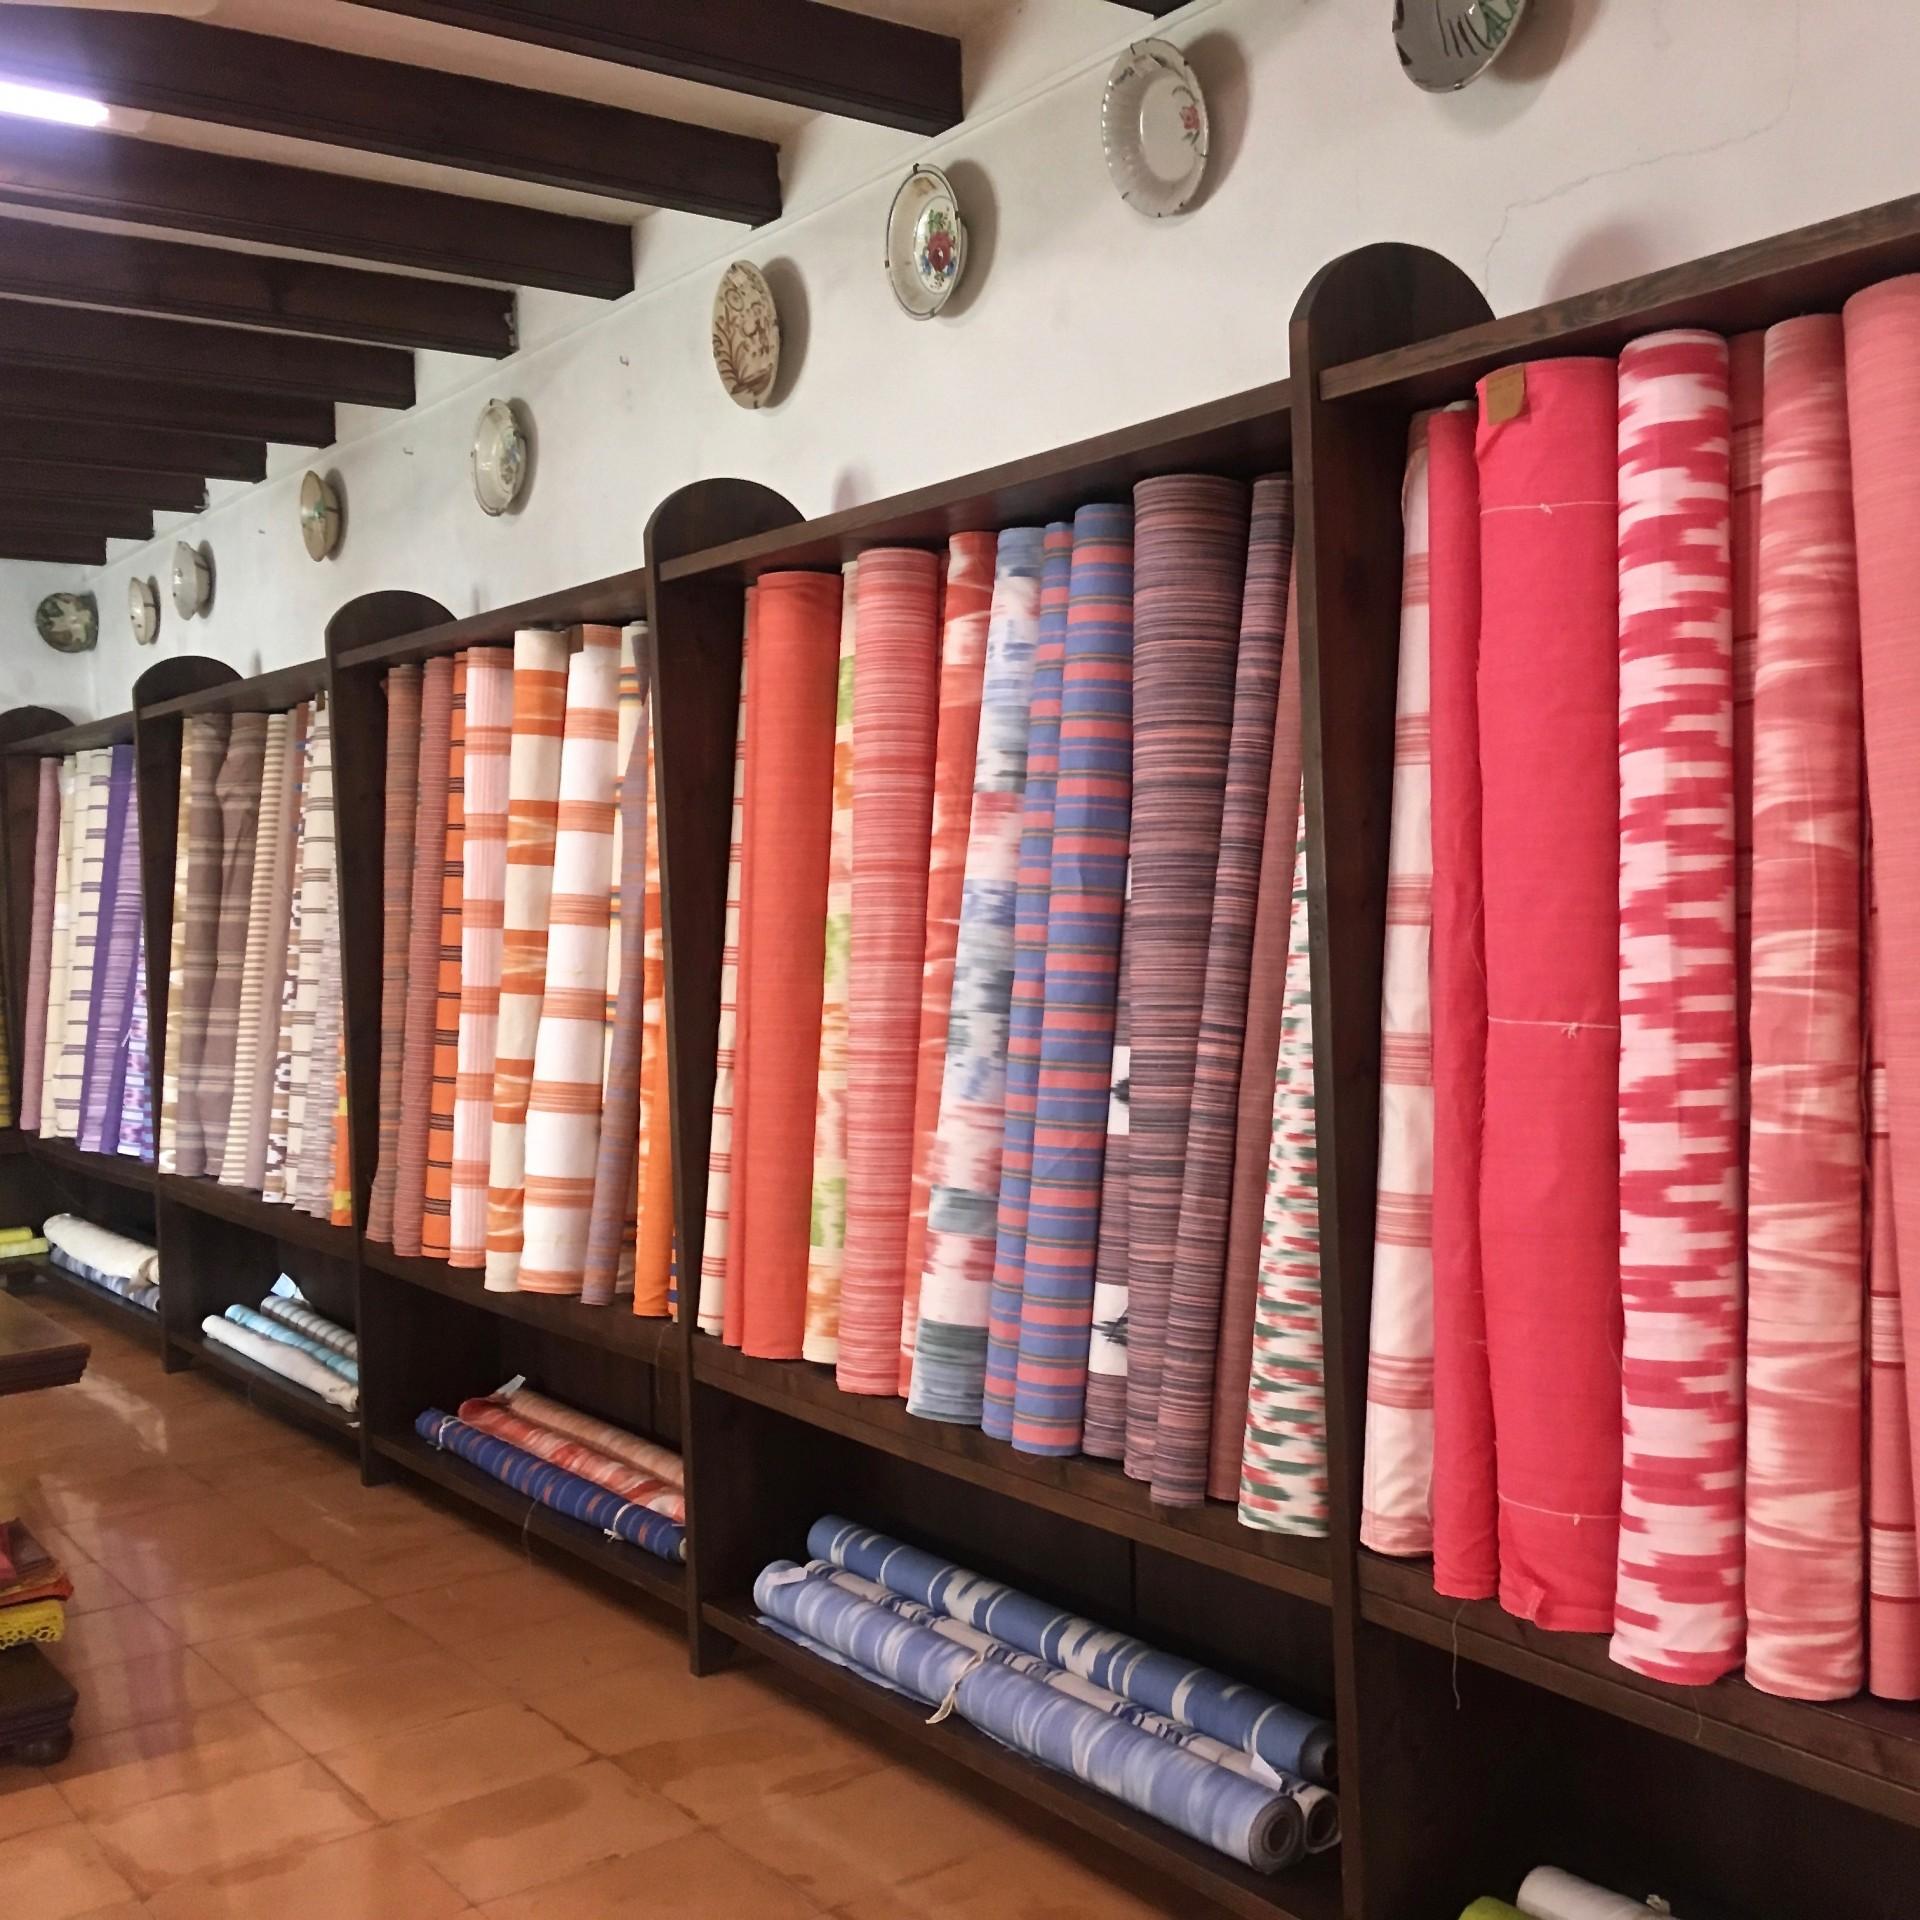 Stoffrollen im Ladenlokal nach Farben sortiert